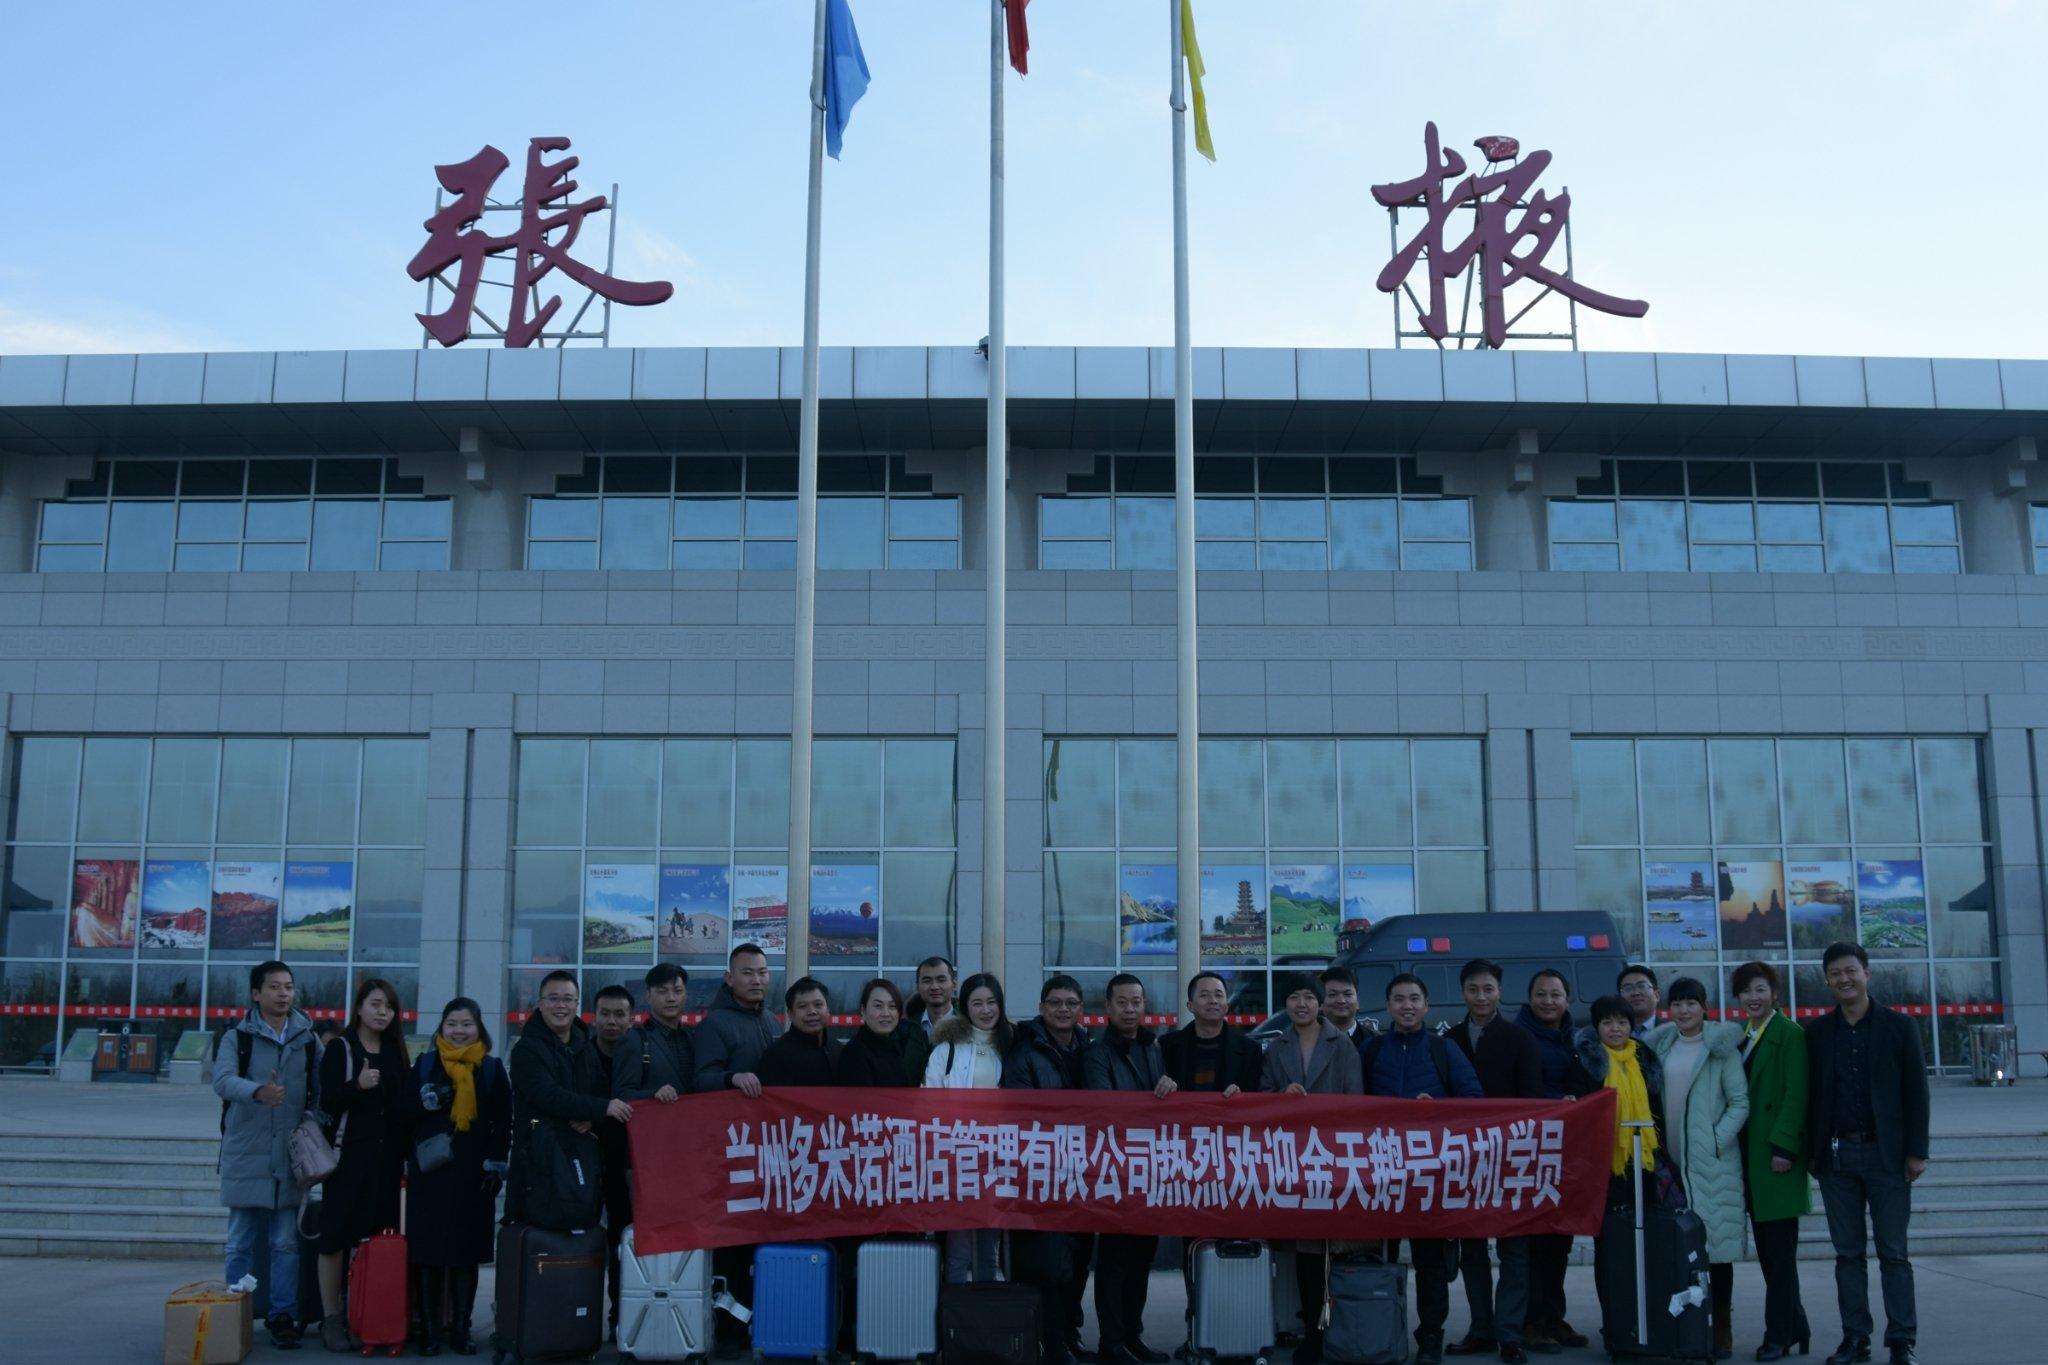 到张掖丹霞旅游所有的张掖丹霞旅游行程张掖丹霞旅游攻略都在这里了